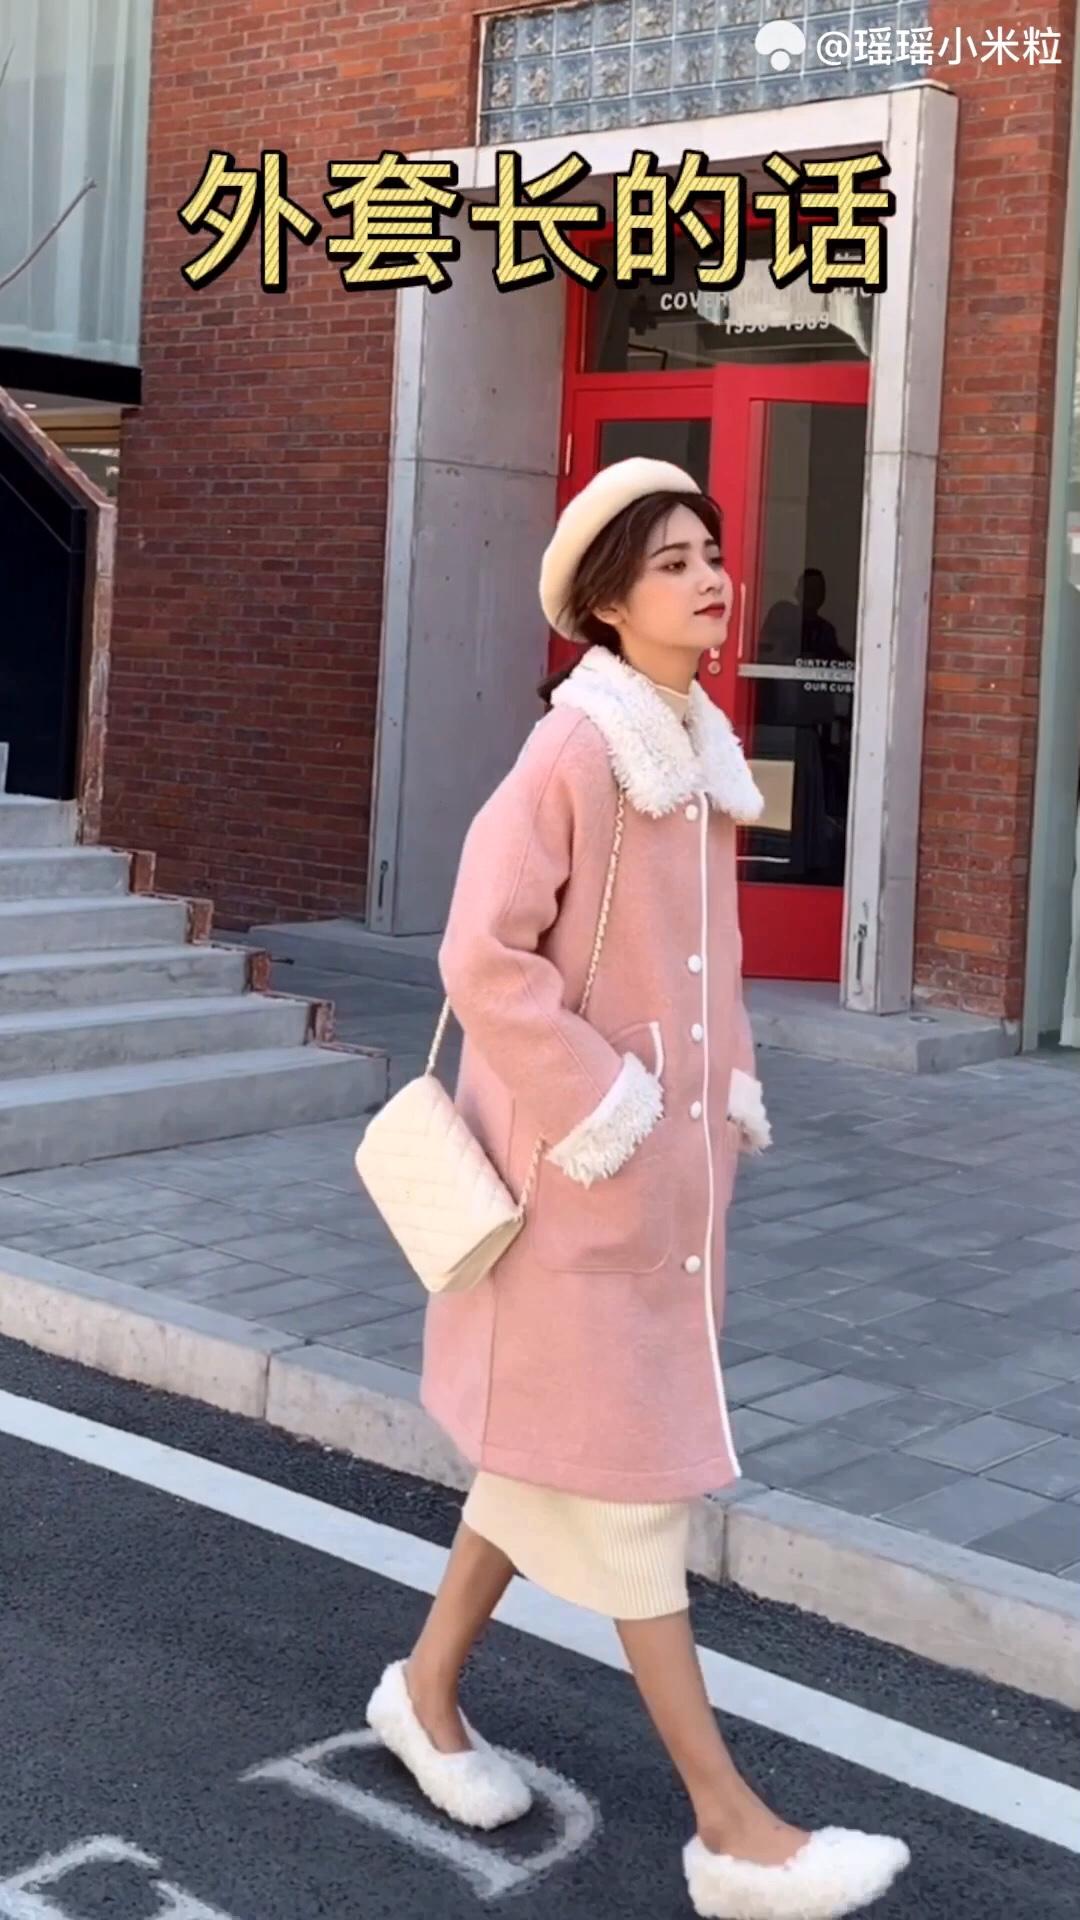 小个子女生的万能穿搭口诀#大降温!穿暖气般温暖的毛衣#